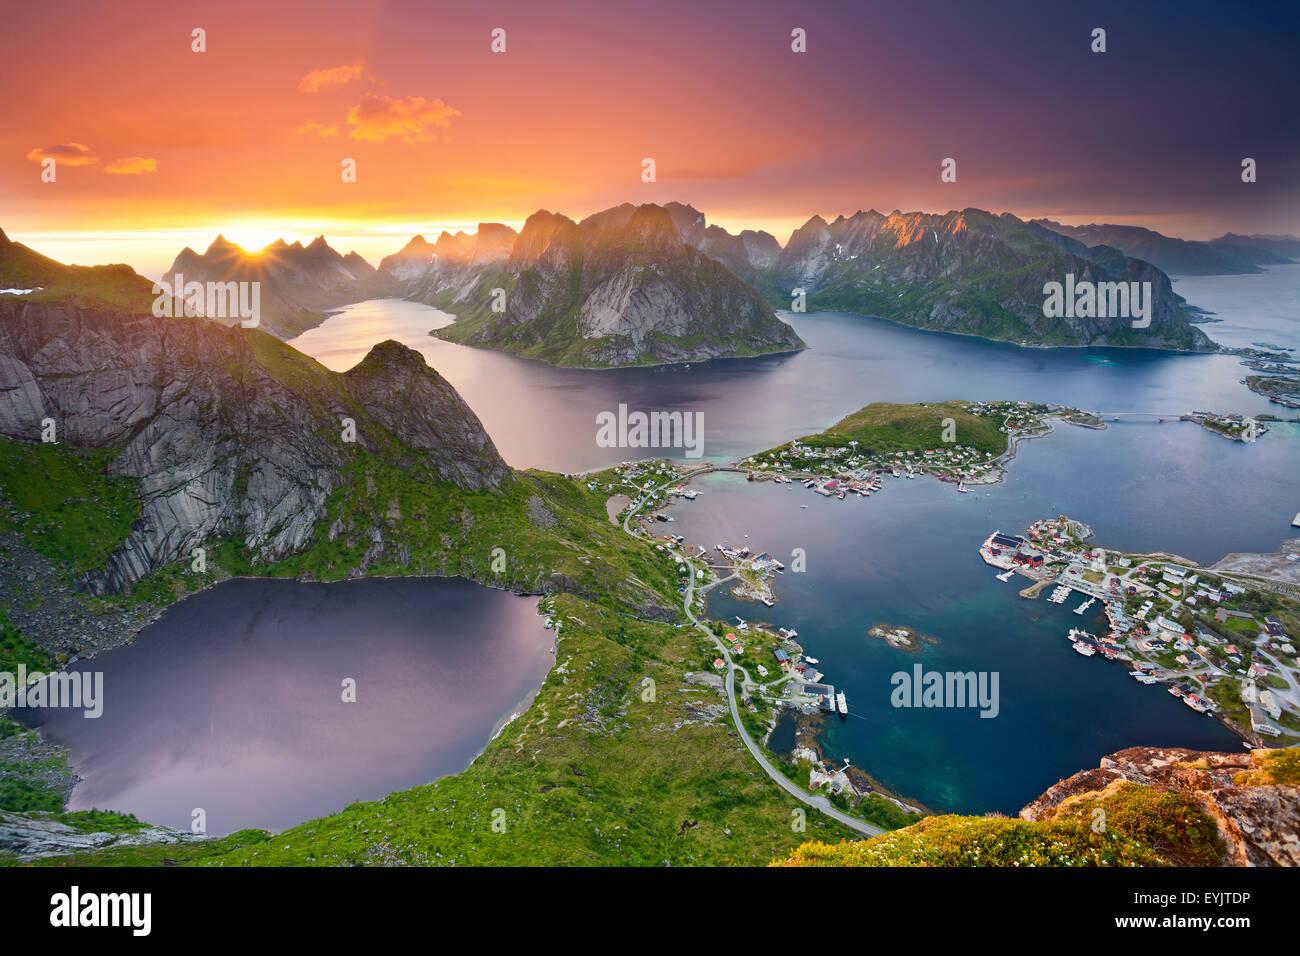 Noruega. Vista desde Reinebringen en las islas Lofoten, situado en Noruega, durante el verano, la puesta de sol. Foto de stock